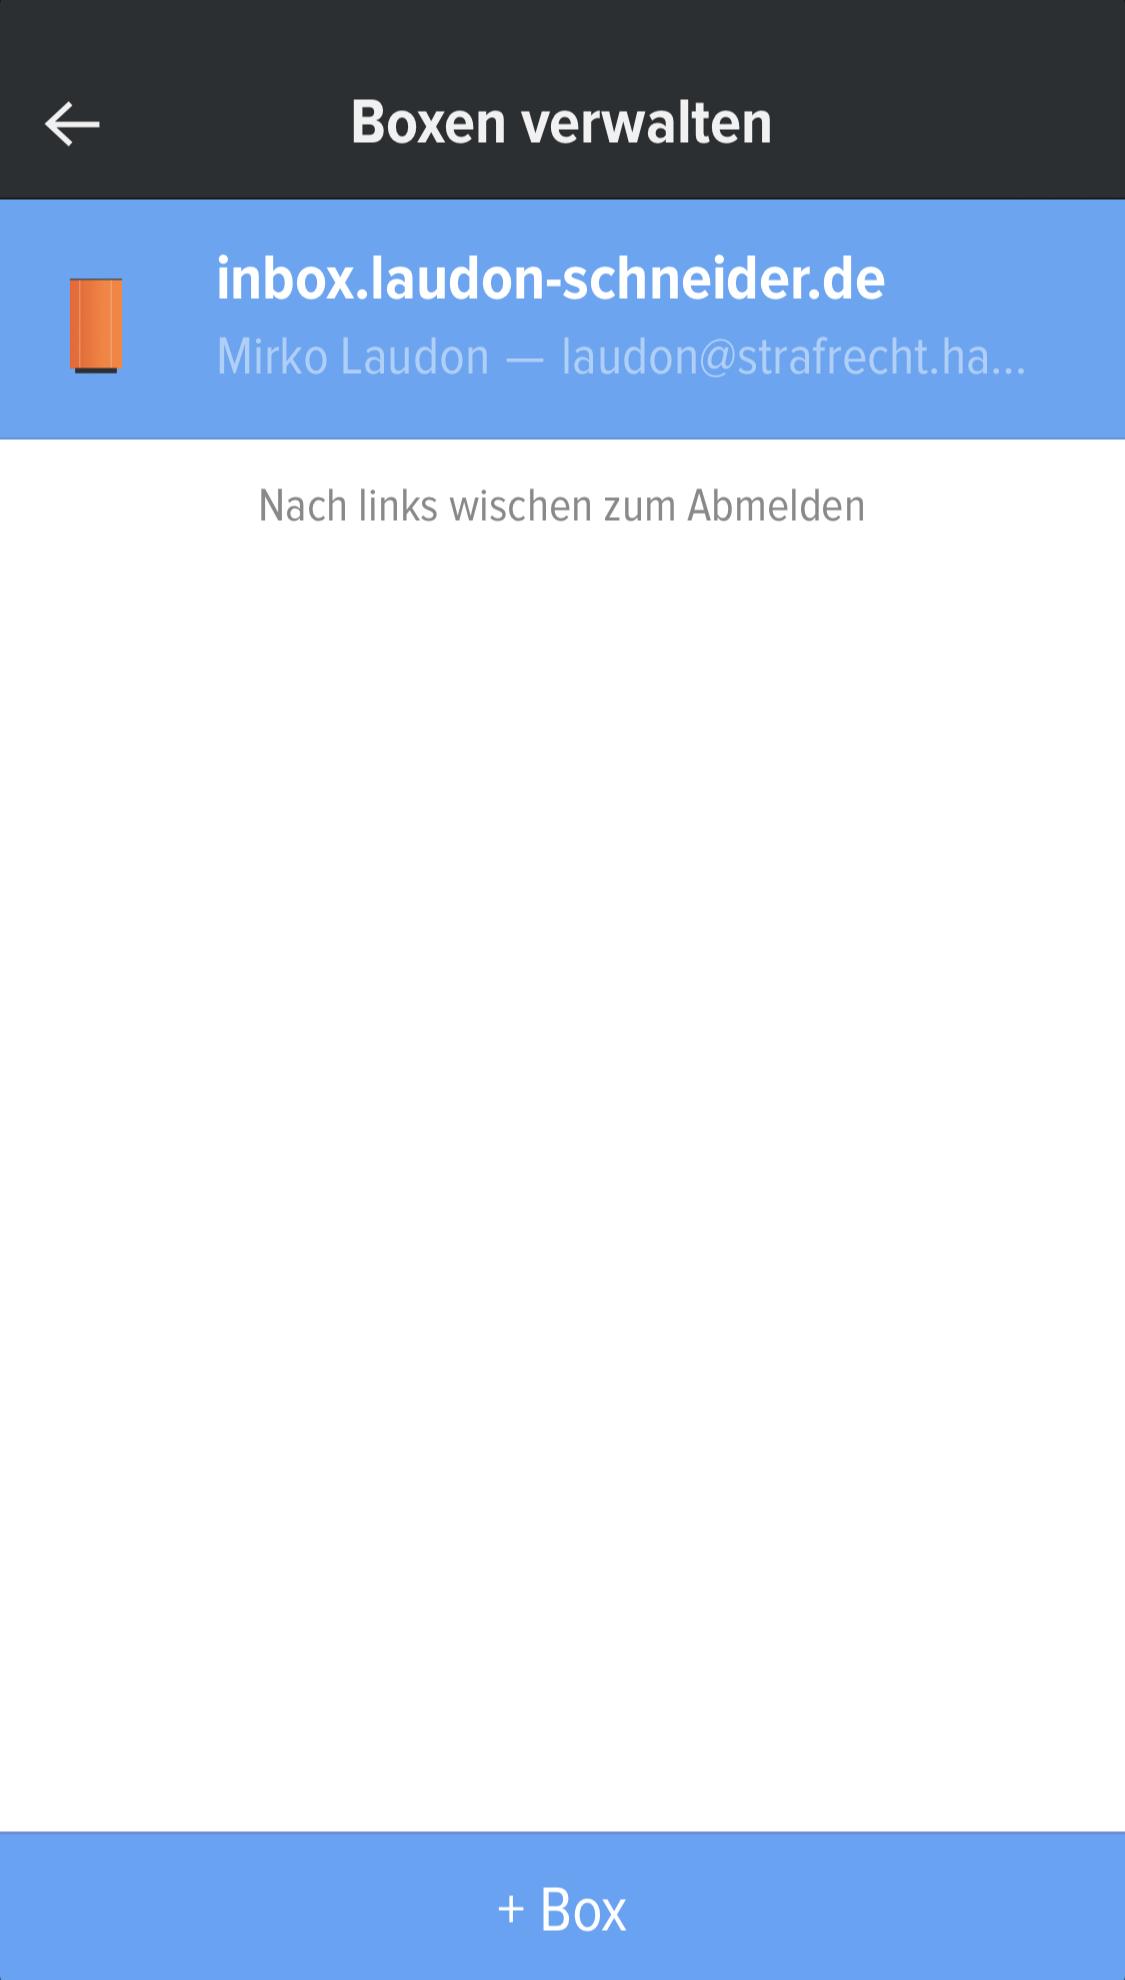 inBOX Neue Adresse Umzug LAUDON SCHNEIDER